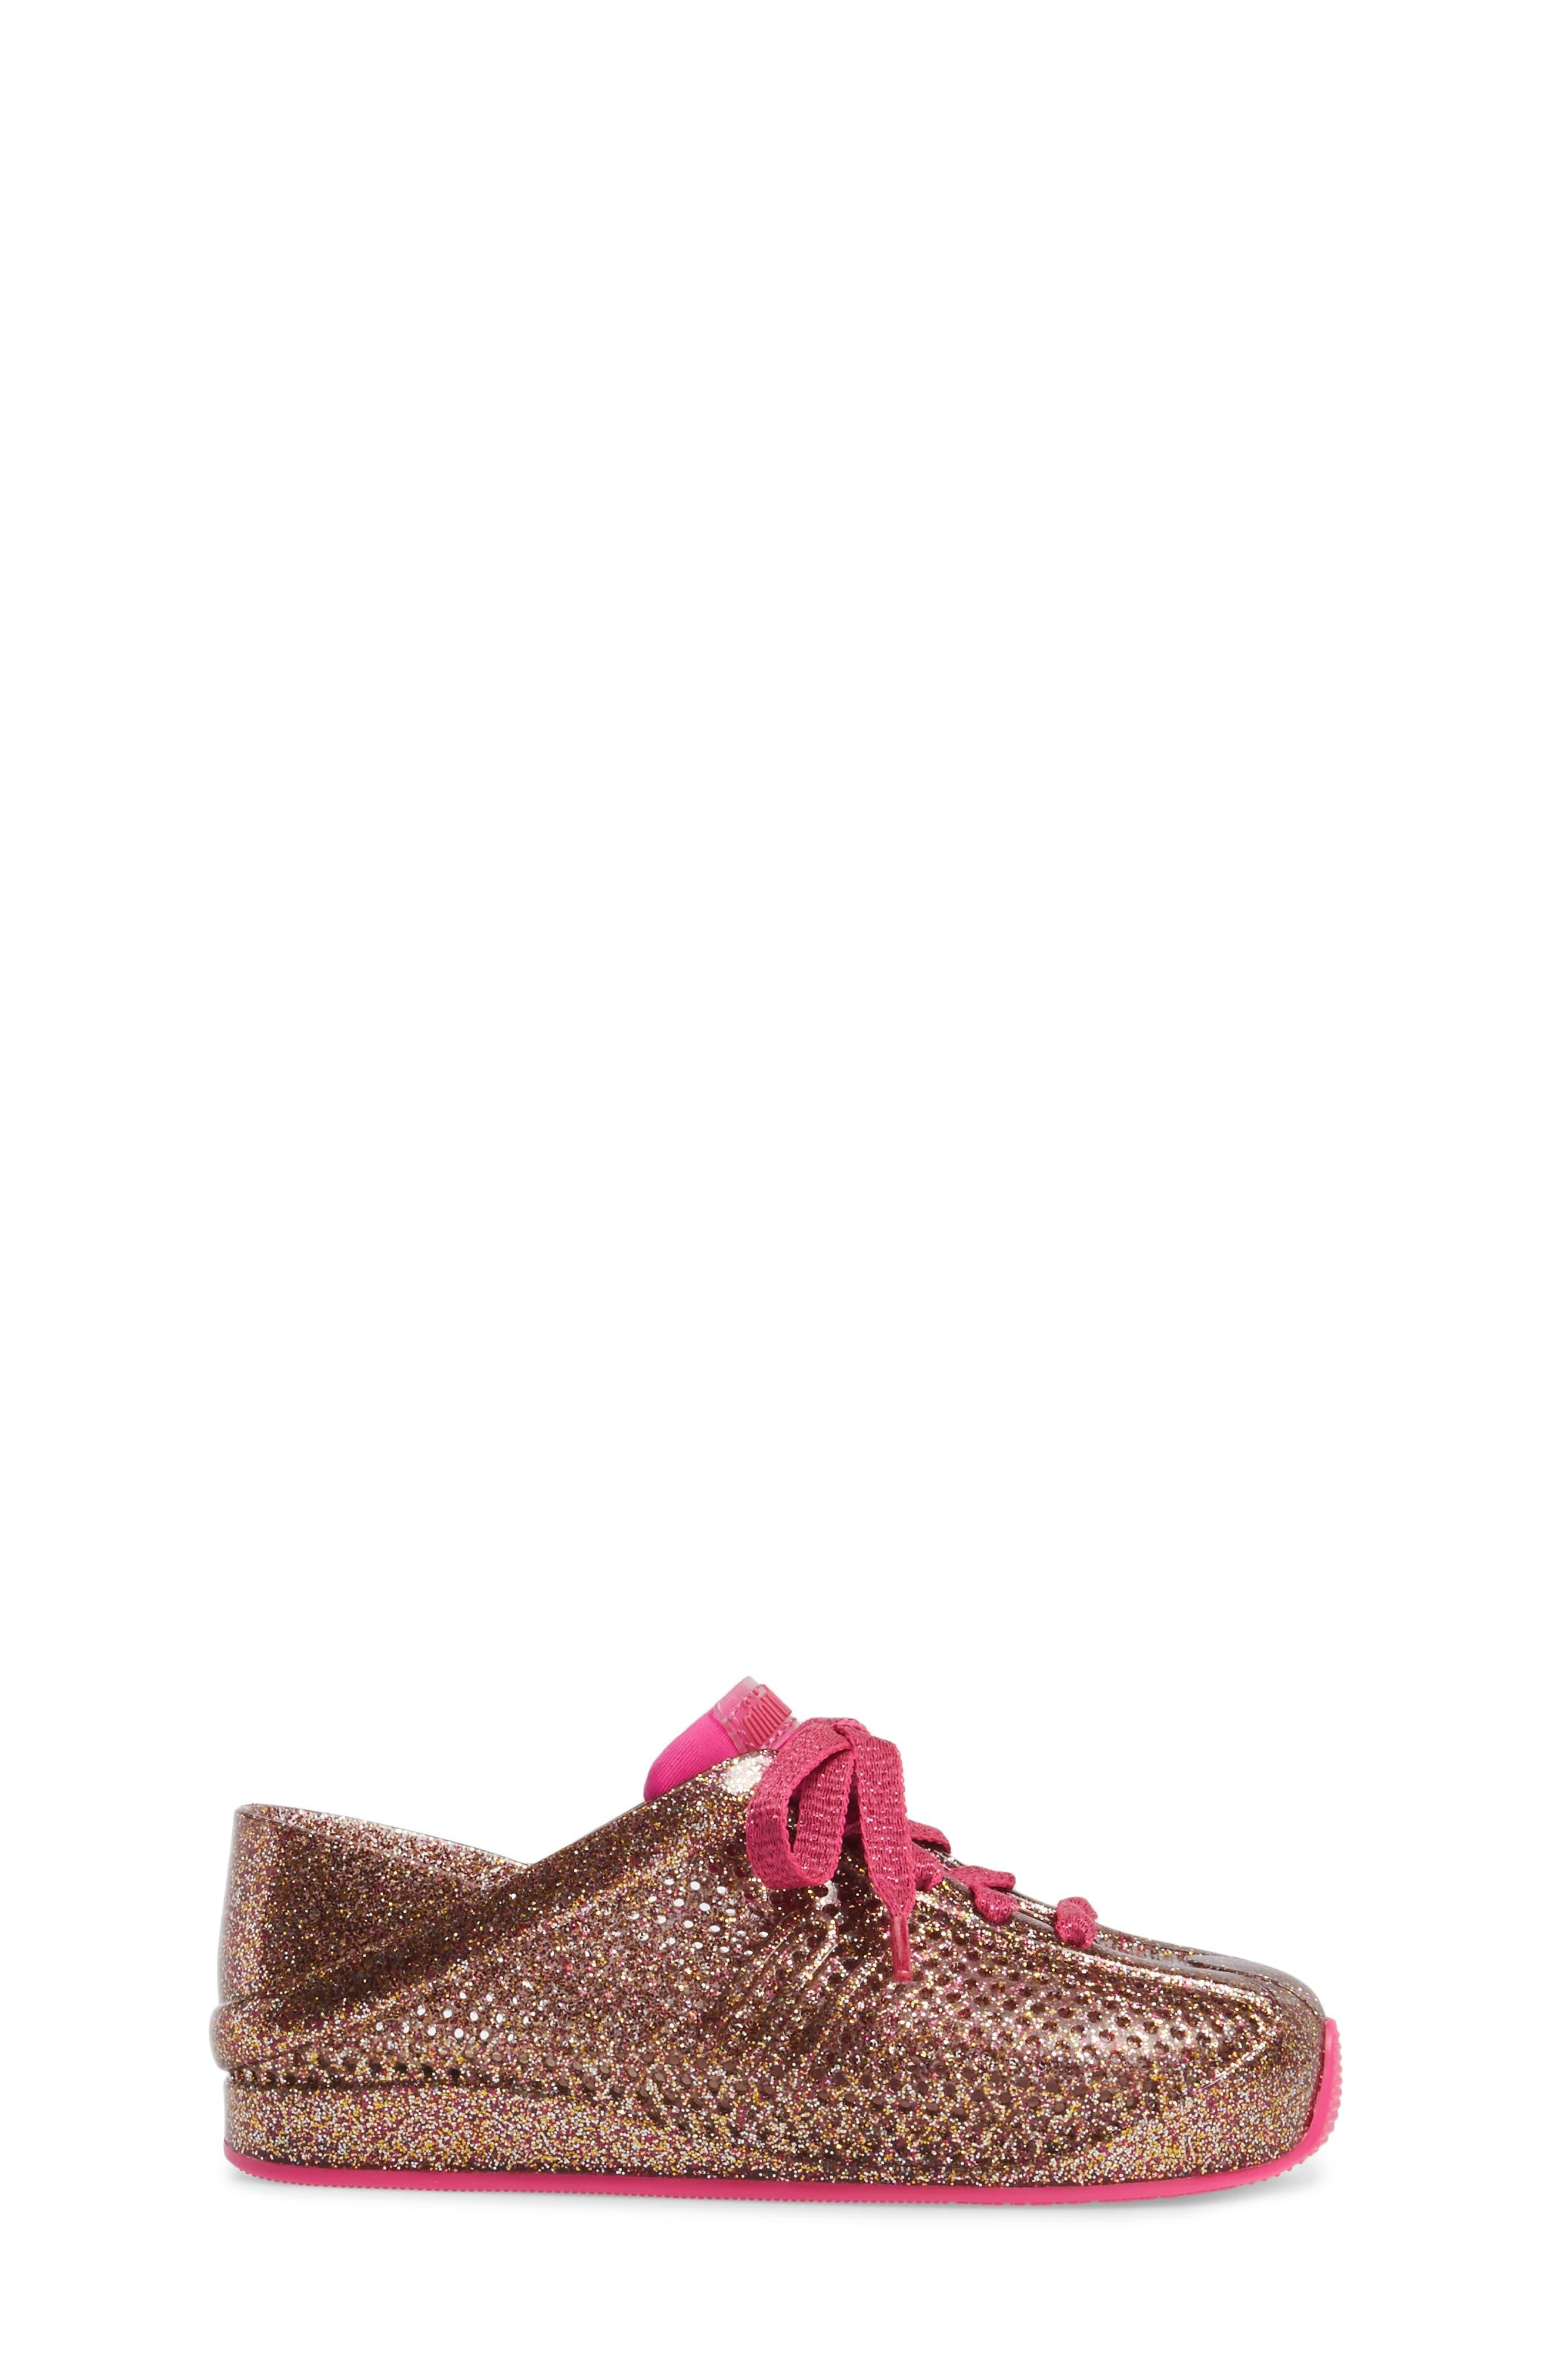 'Love System' Sneaker,                             Alternate thumbnail 22, color,